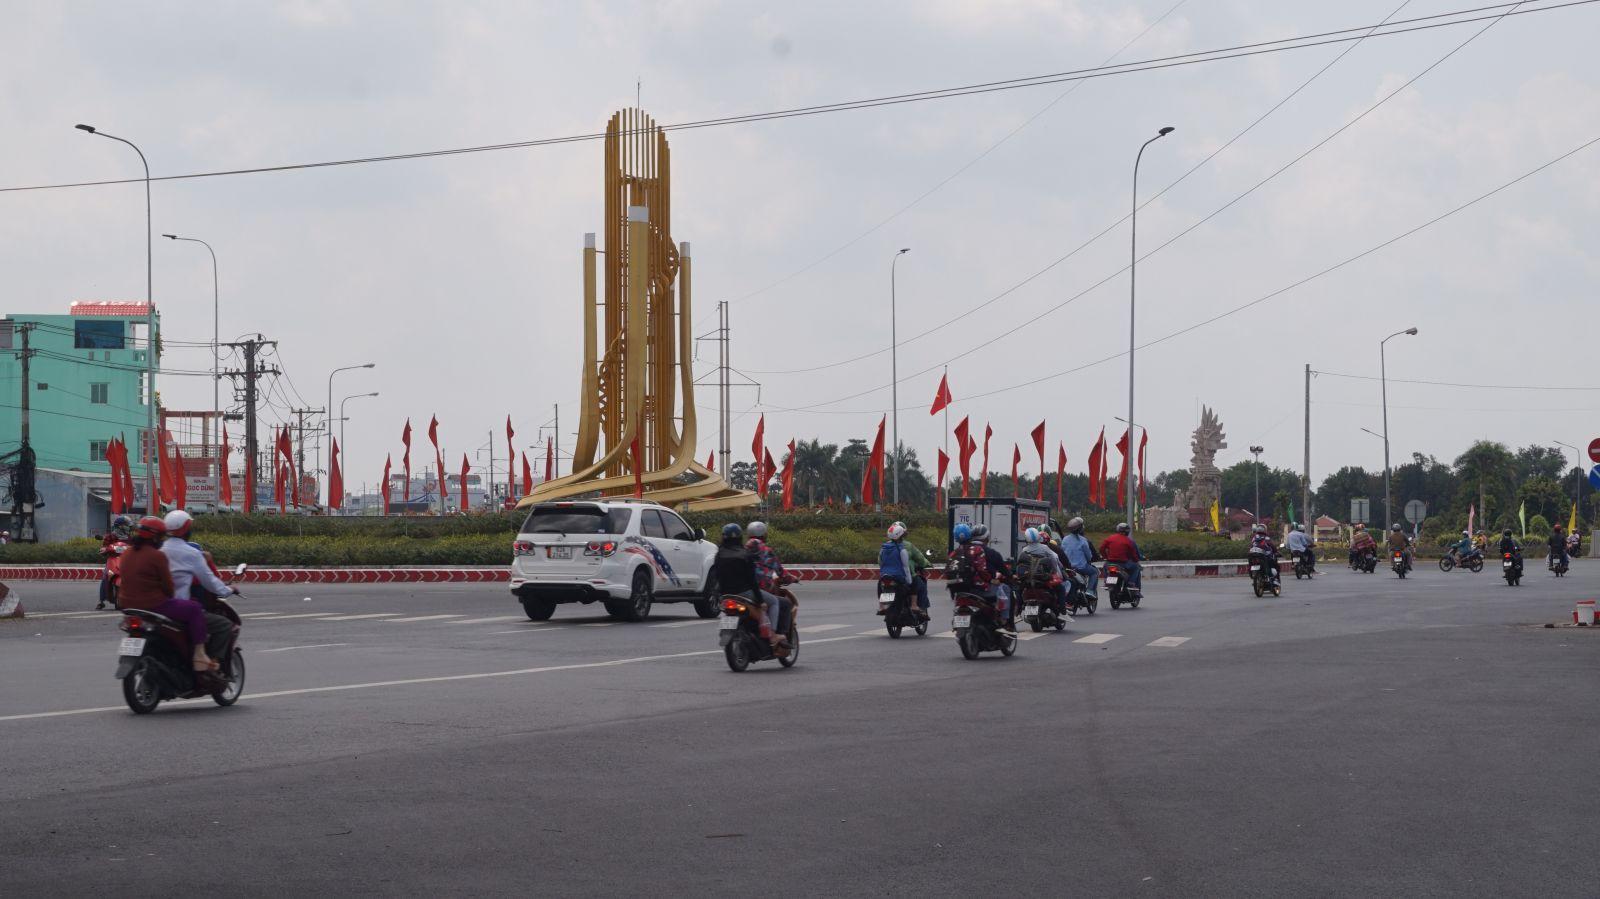 Phương tiện lưu thông ngày mùng 2 tết tại khu vực vòng xoay phường 5, TP.Tân AnBảo đảm trật  tự, an toàn giao thông từ những ngày đầu năm 2021